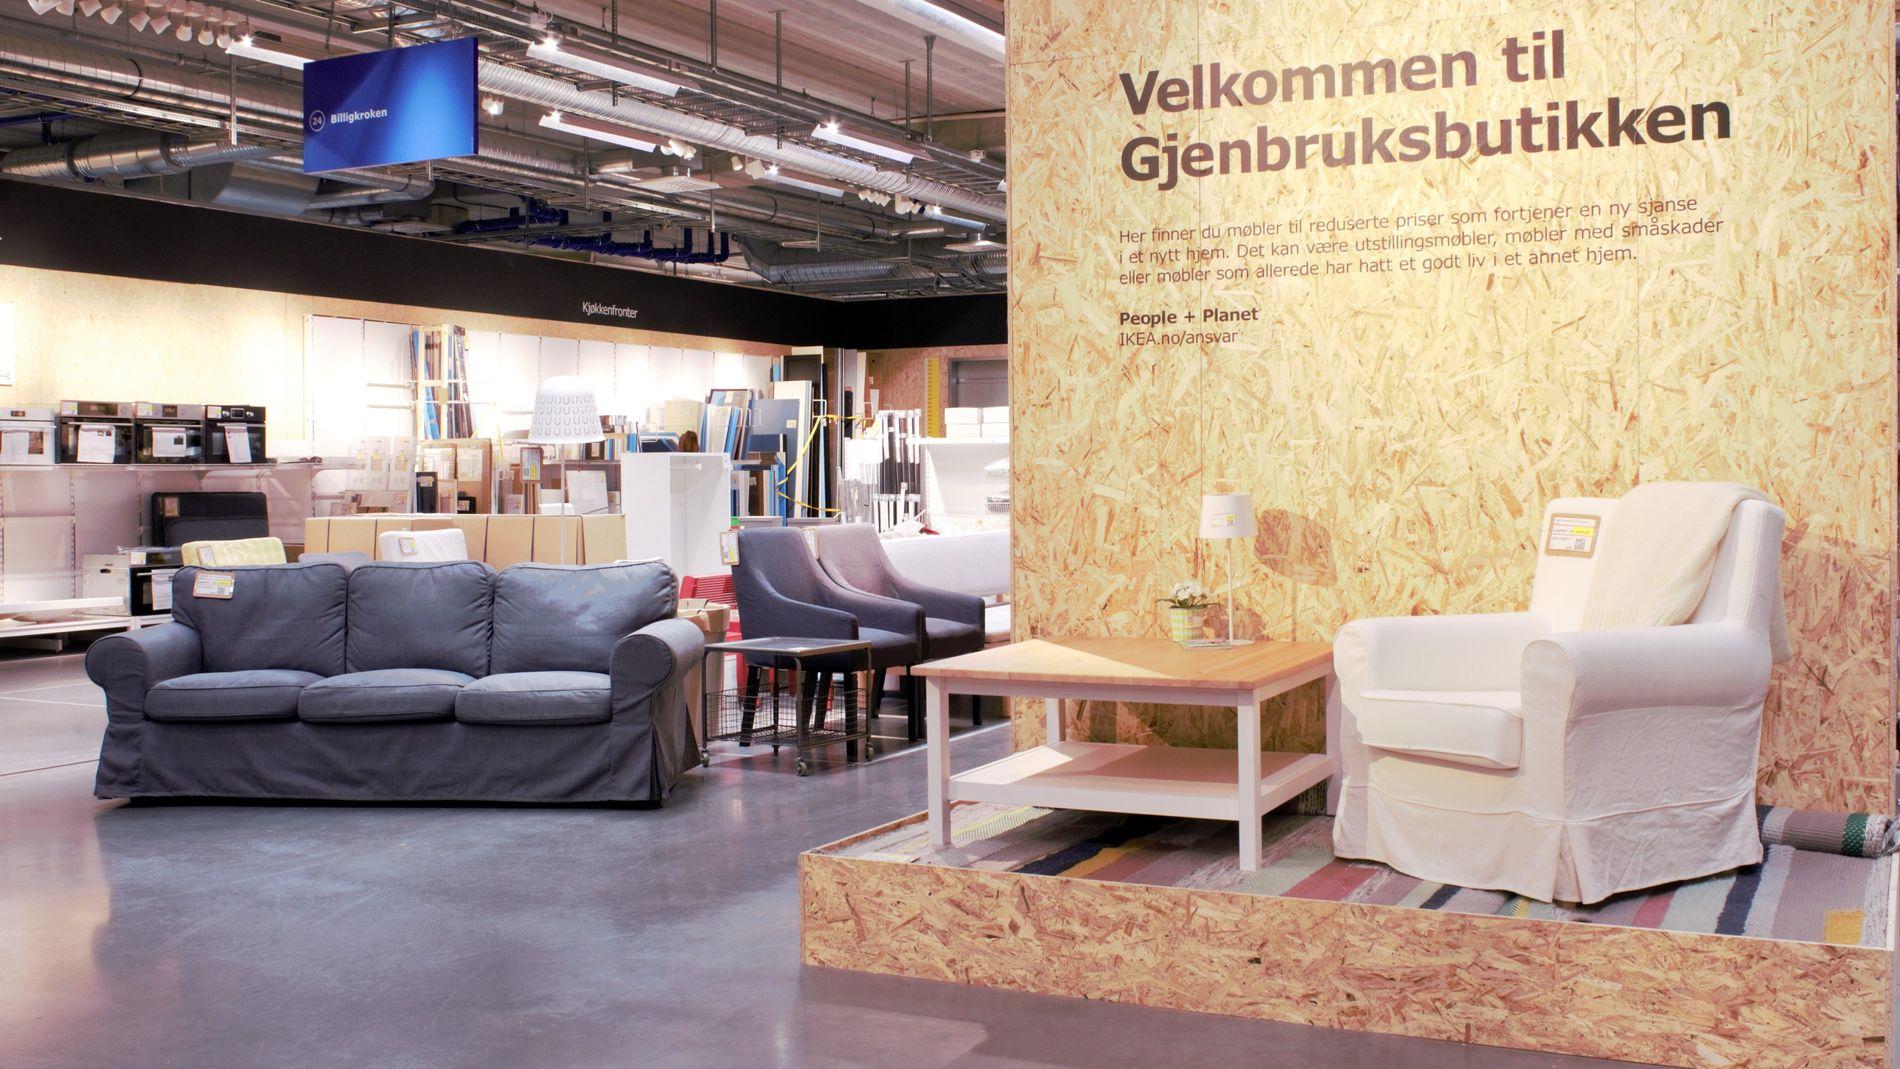 SELGER MØBLENE DINE: Ikea sier de vil kjøpe nye og gamle møbler som er brukt, men at de ikke vil betale mer enn 30 prosent av utsalgsprisen.